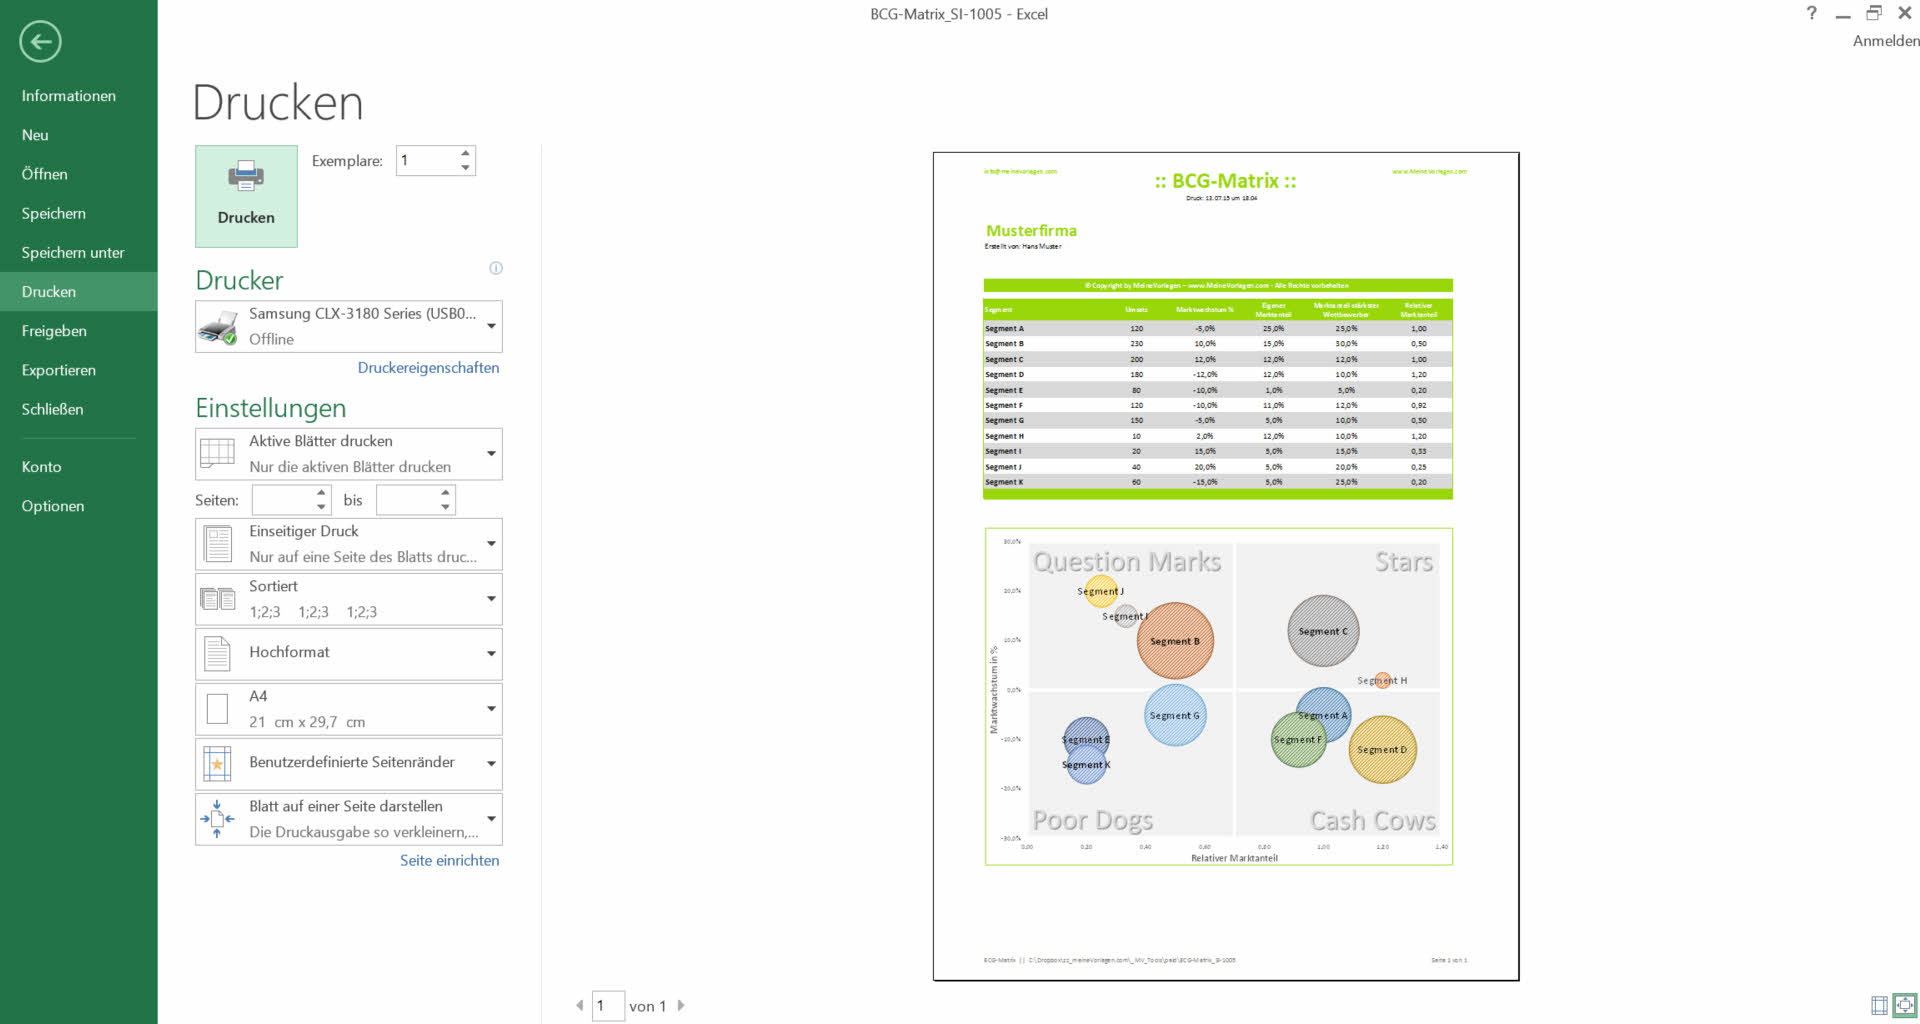 Excel Bcg Matrix